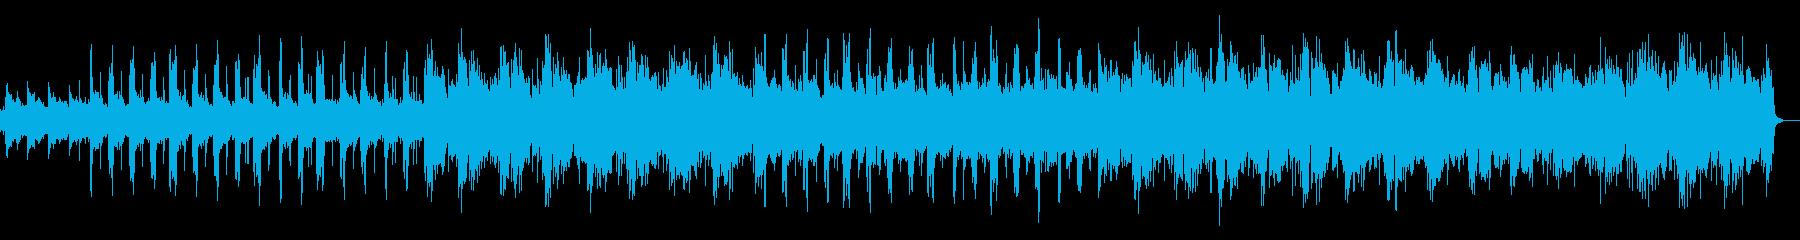 ノスタルジックでレトロなBGMの再生済みの波形